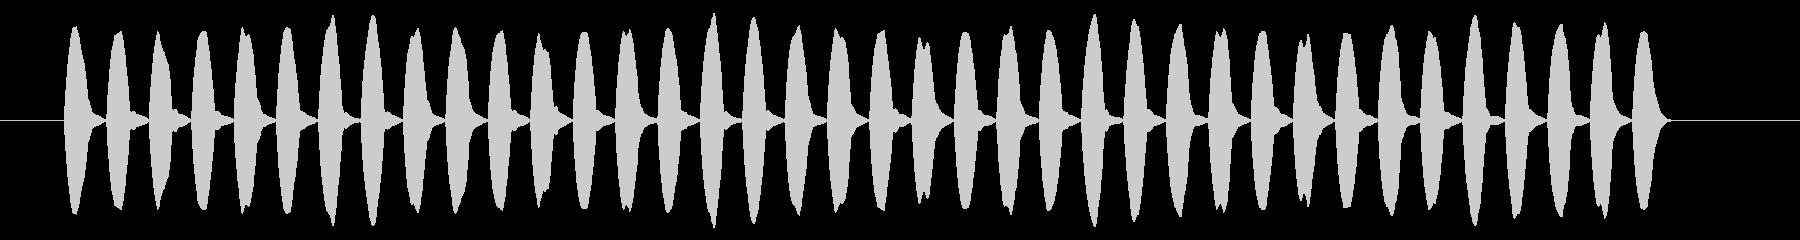 SNES 格闘05-12(スコア)の未再生の波形